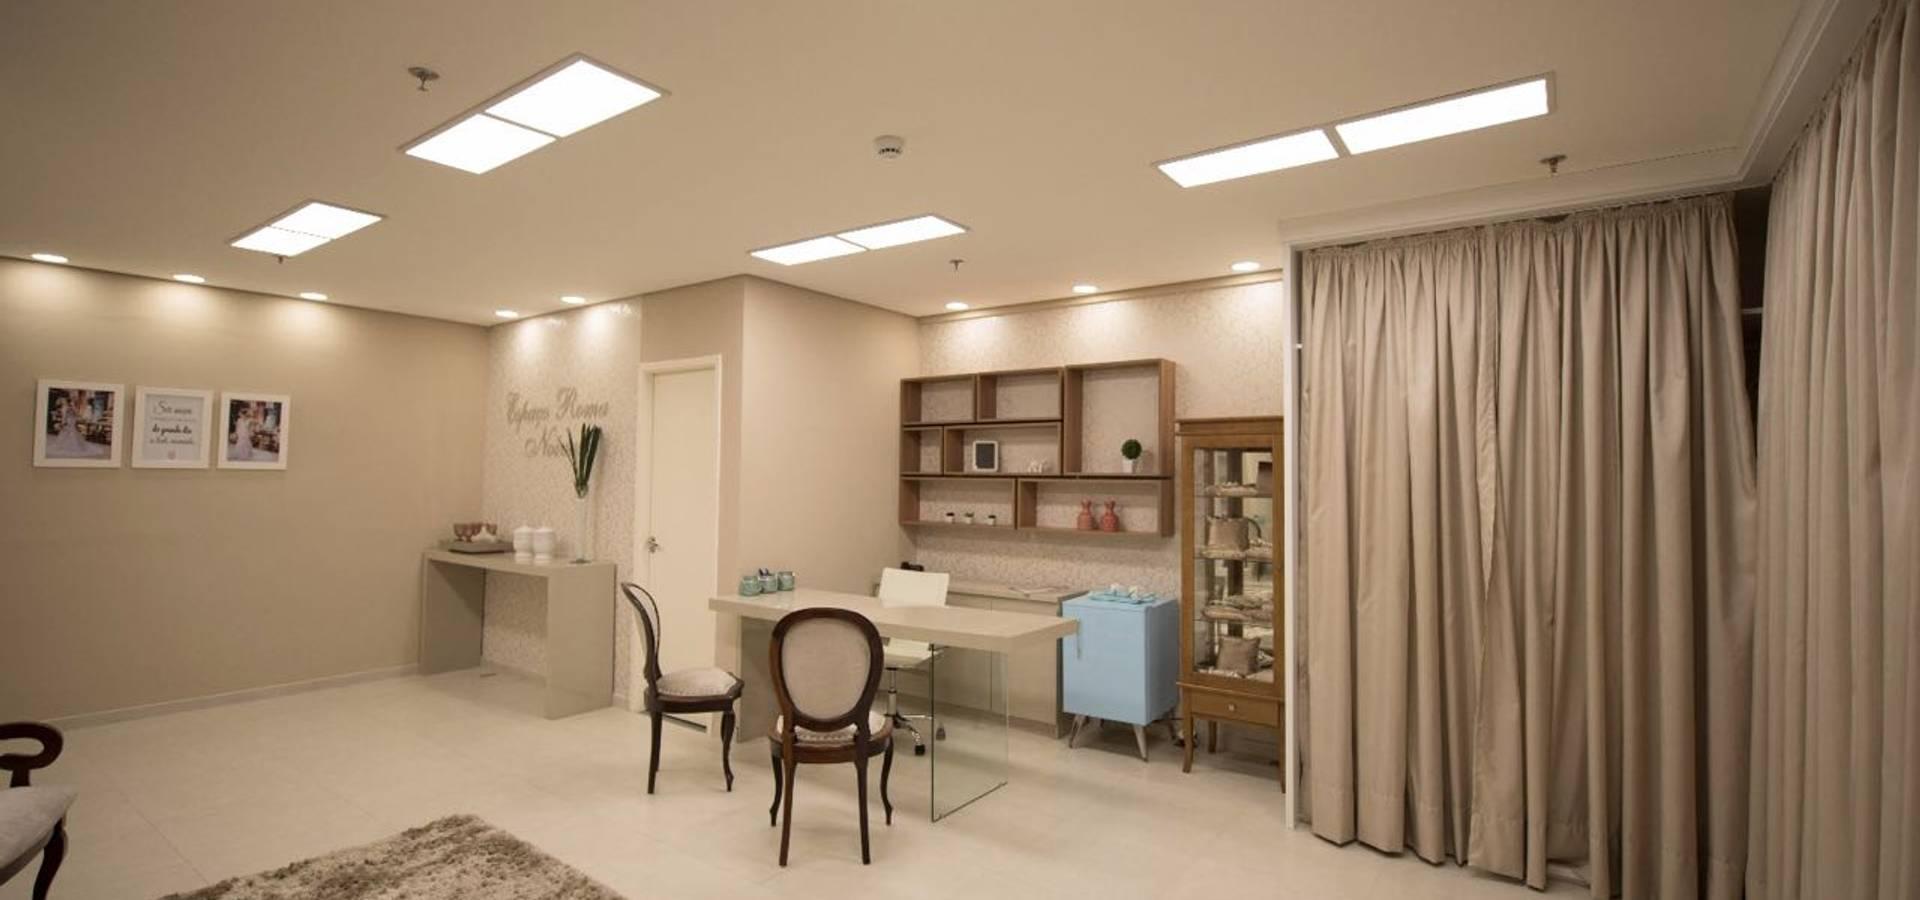 Juliana Moraes Arquitetura e Interiores